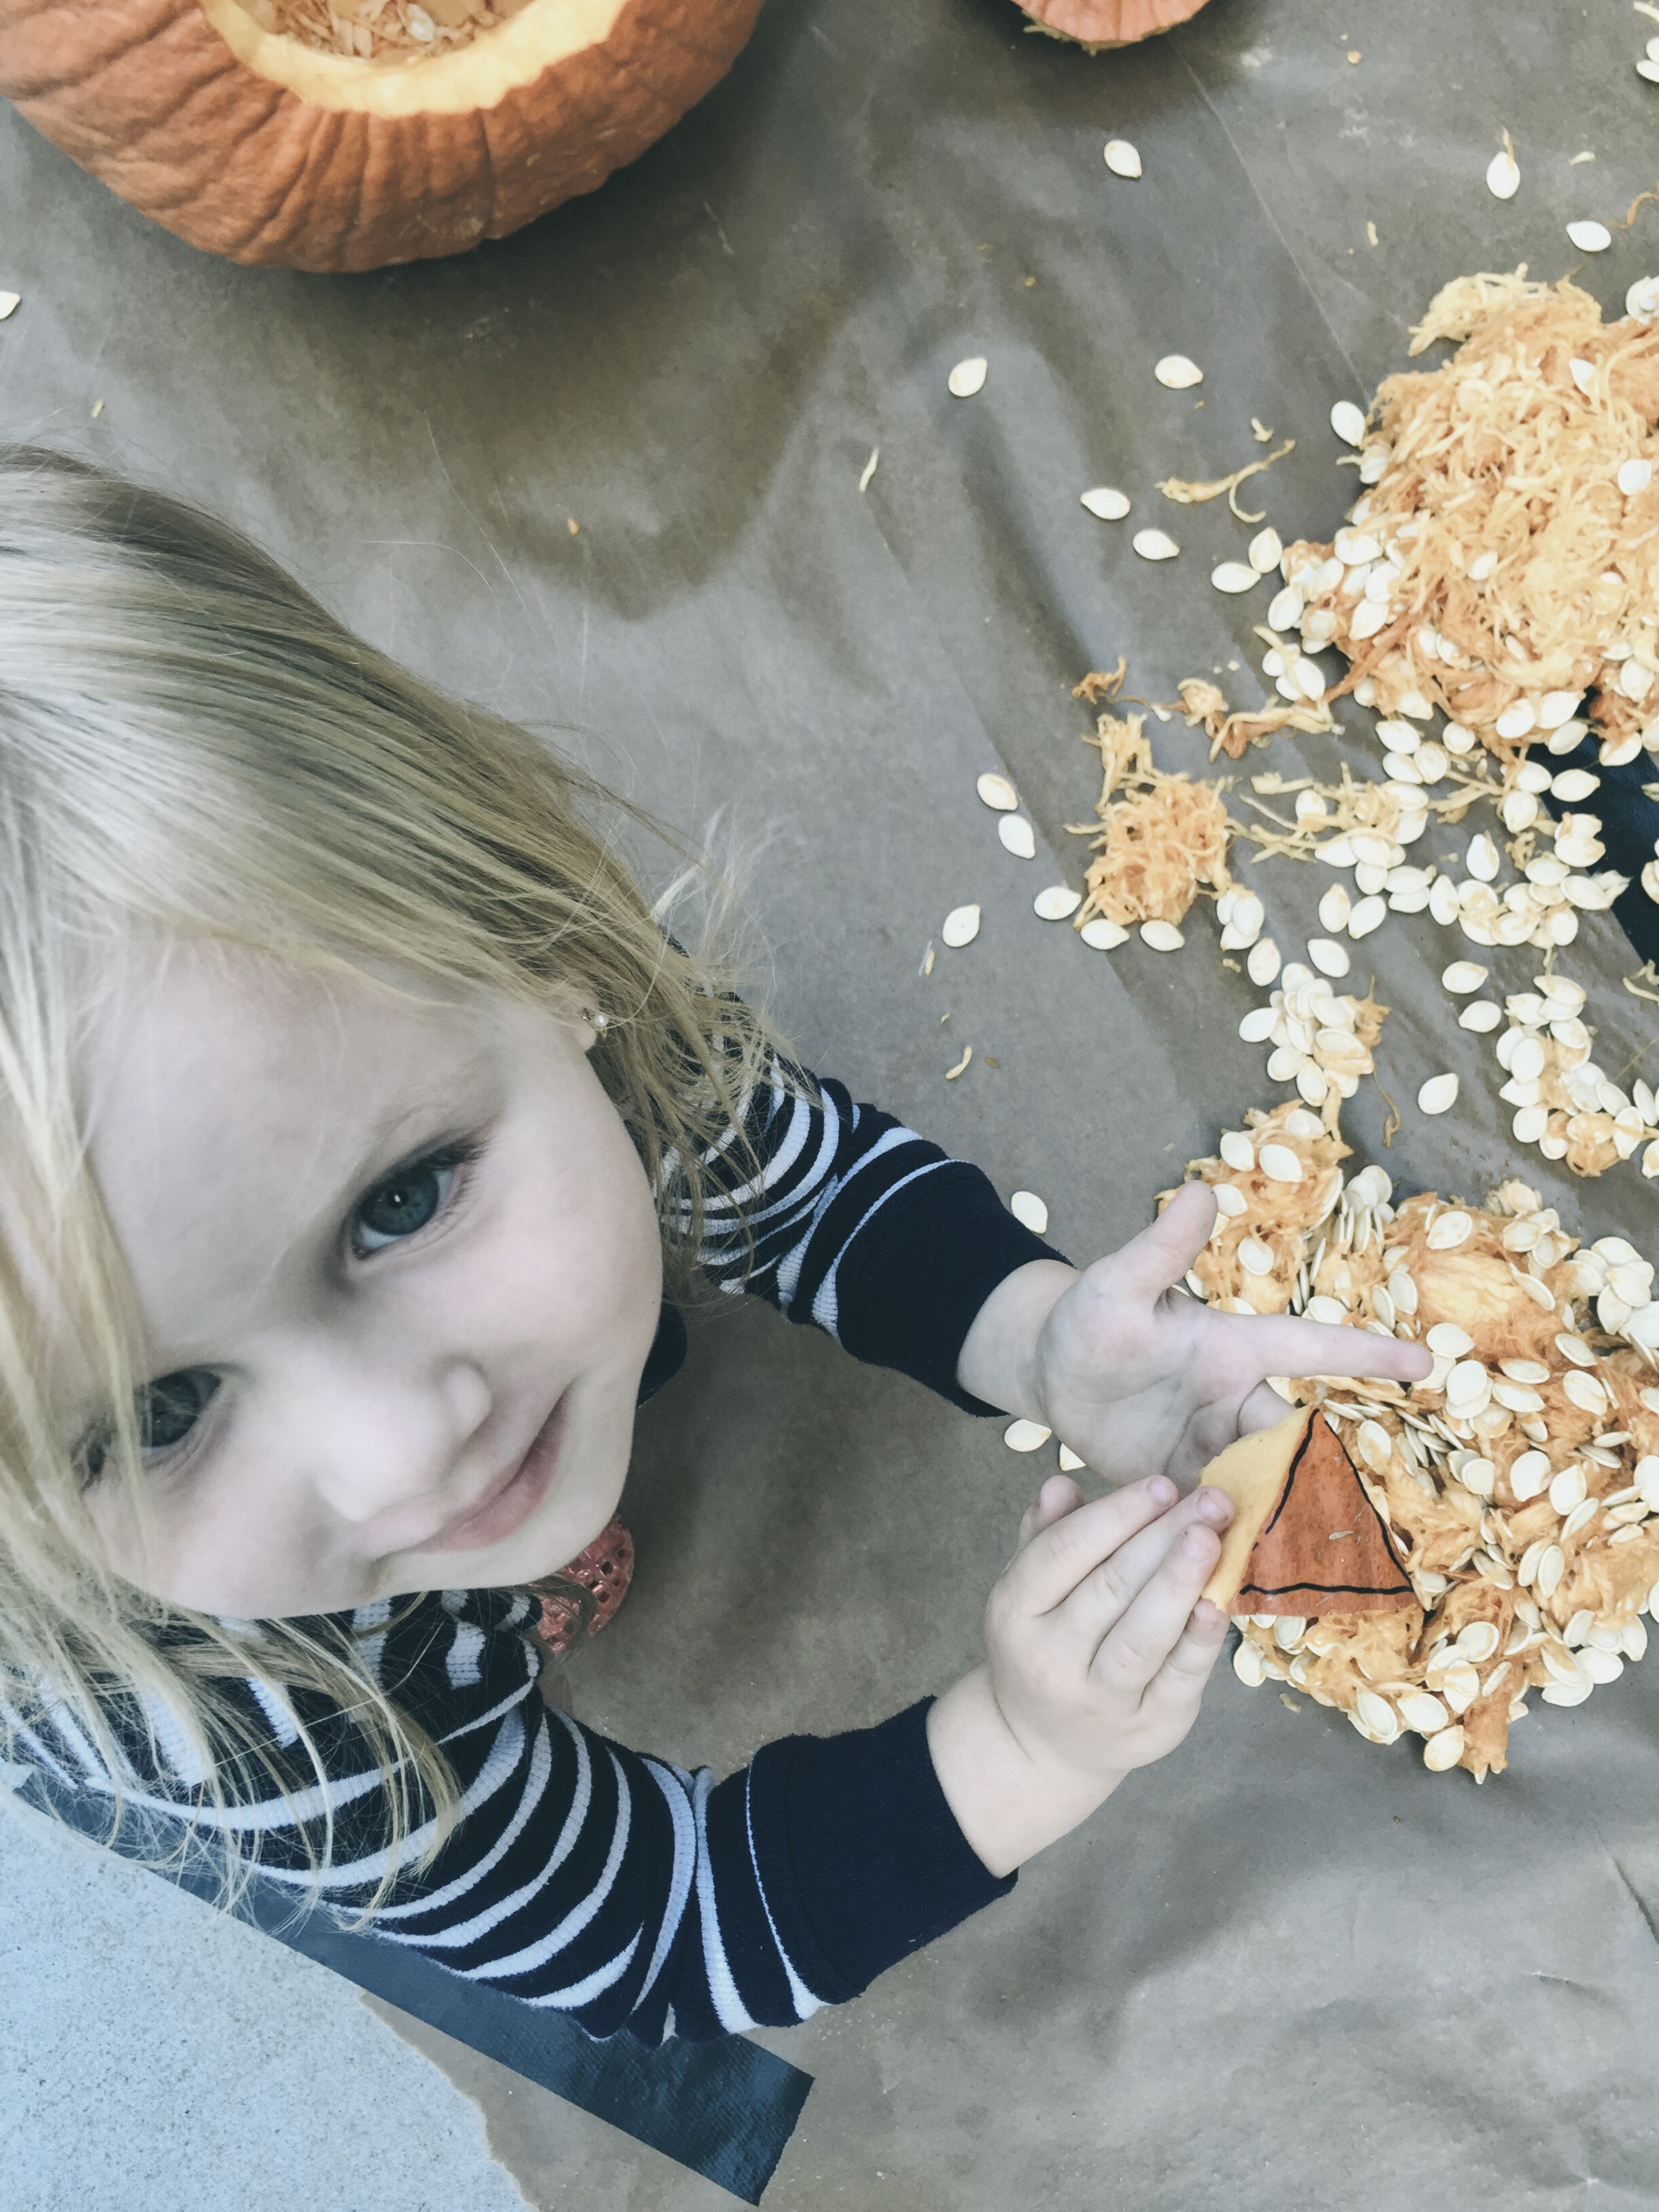 little girl carving a pumpkin